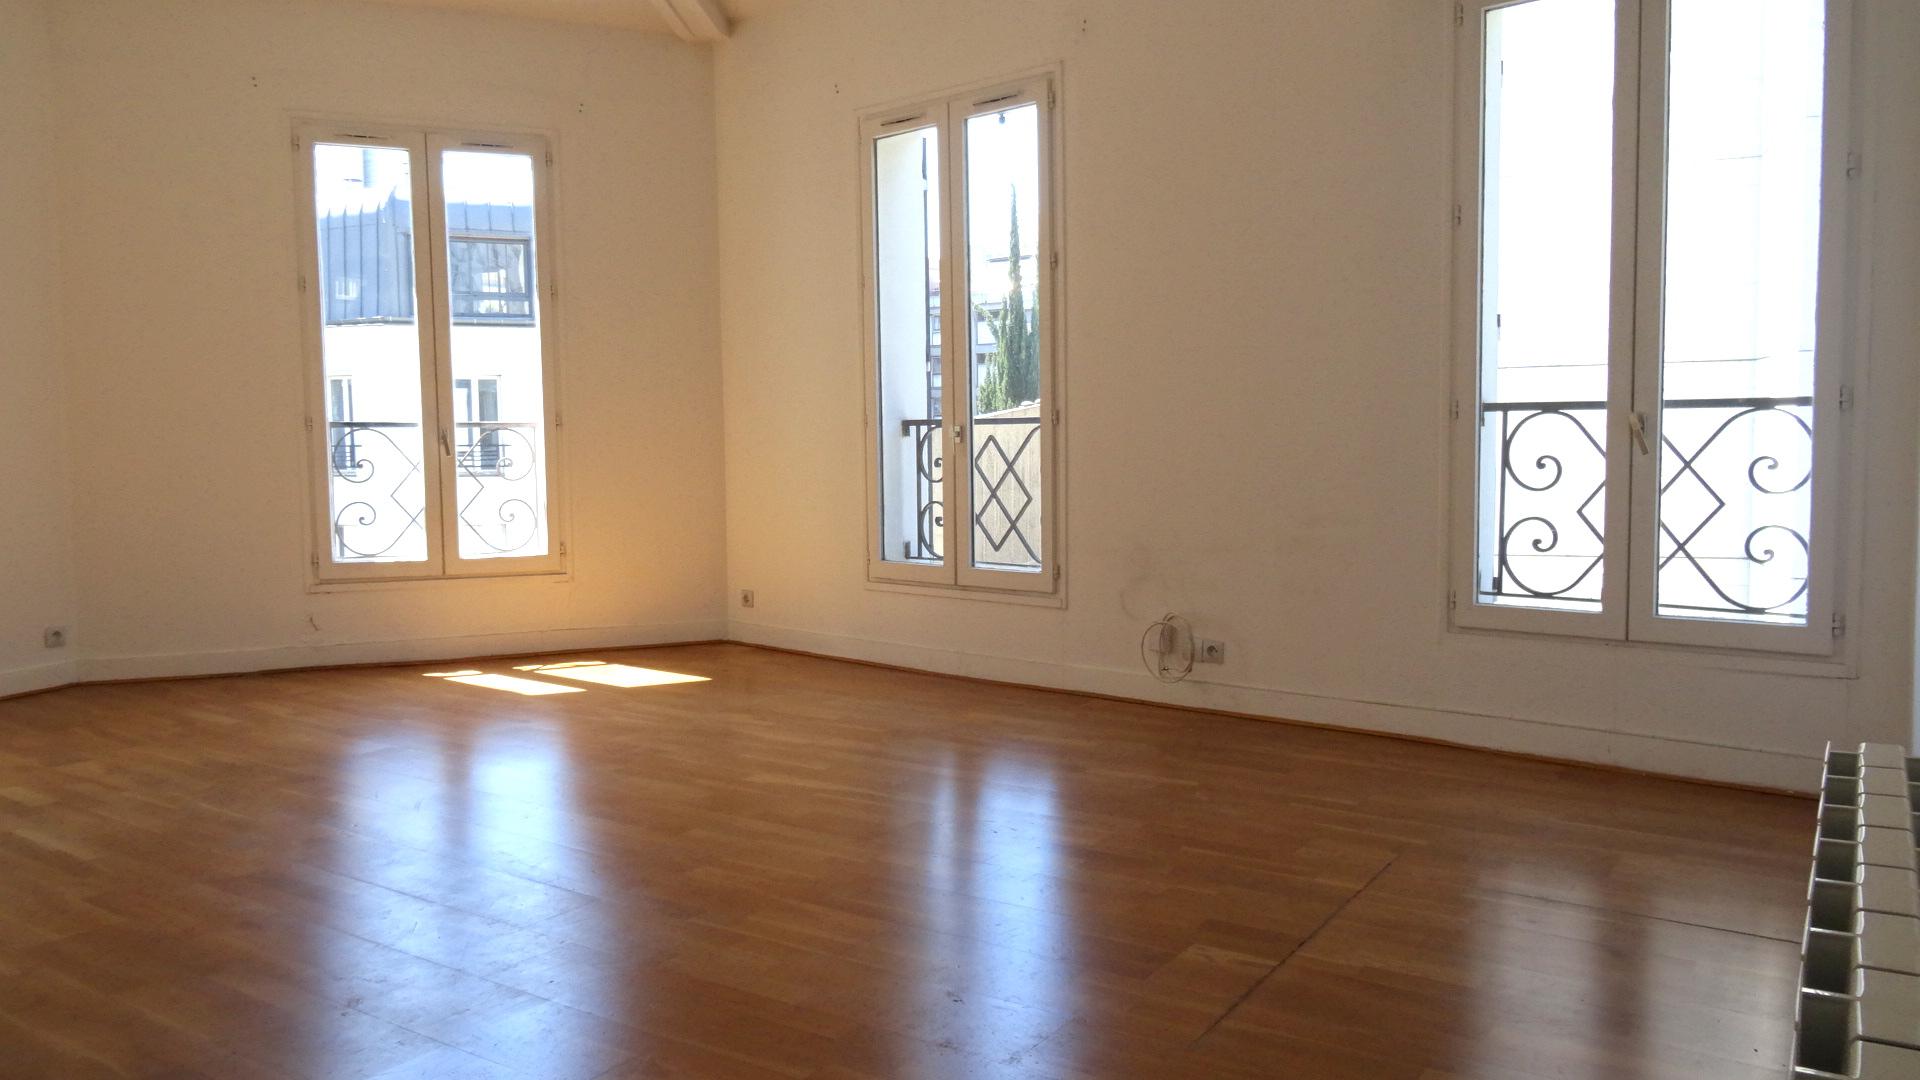 la-clef-des-villes-chasseur-immobilier-boulogne-billancourt-location-vente-appartement-photo-sejour